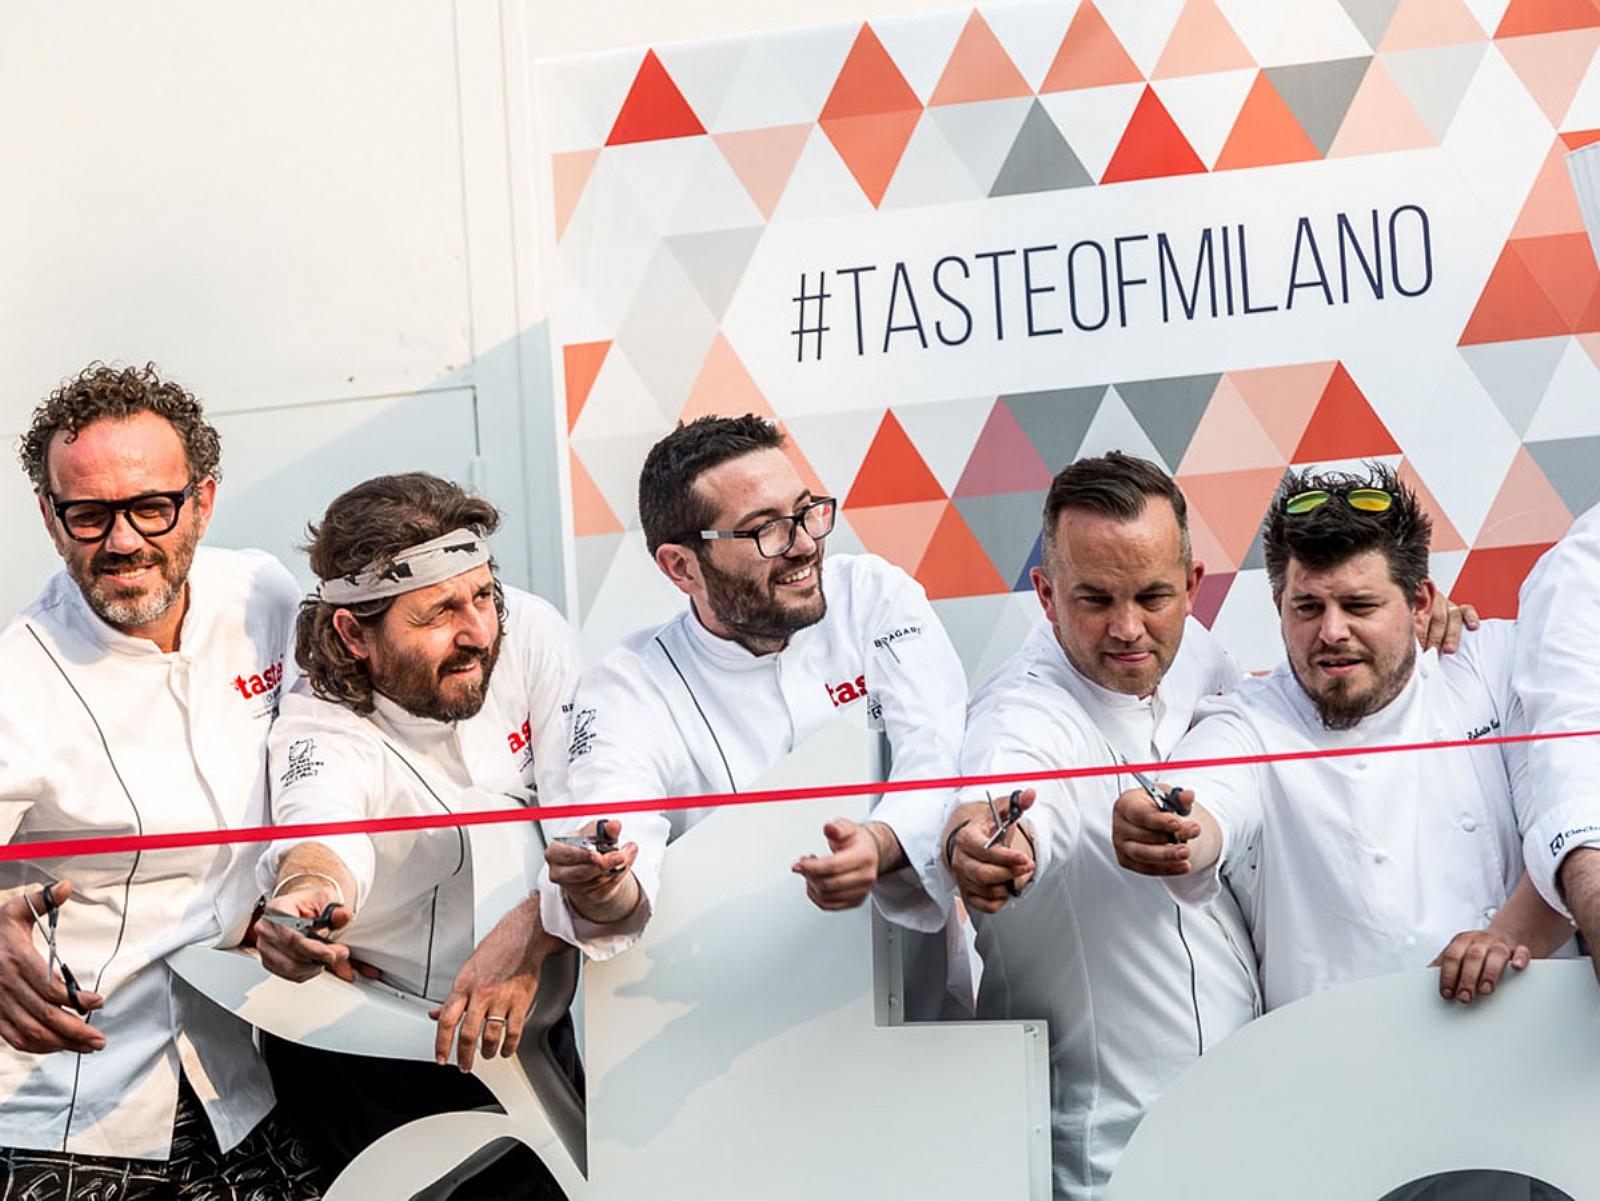 Food taste of milano ecco le date for Taste of milano 2017